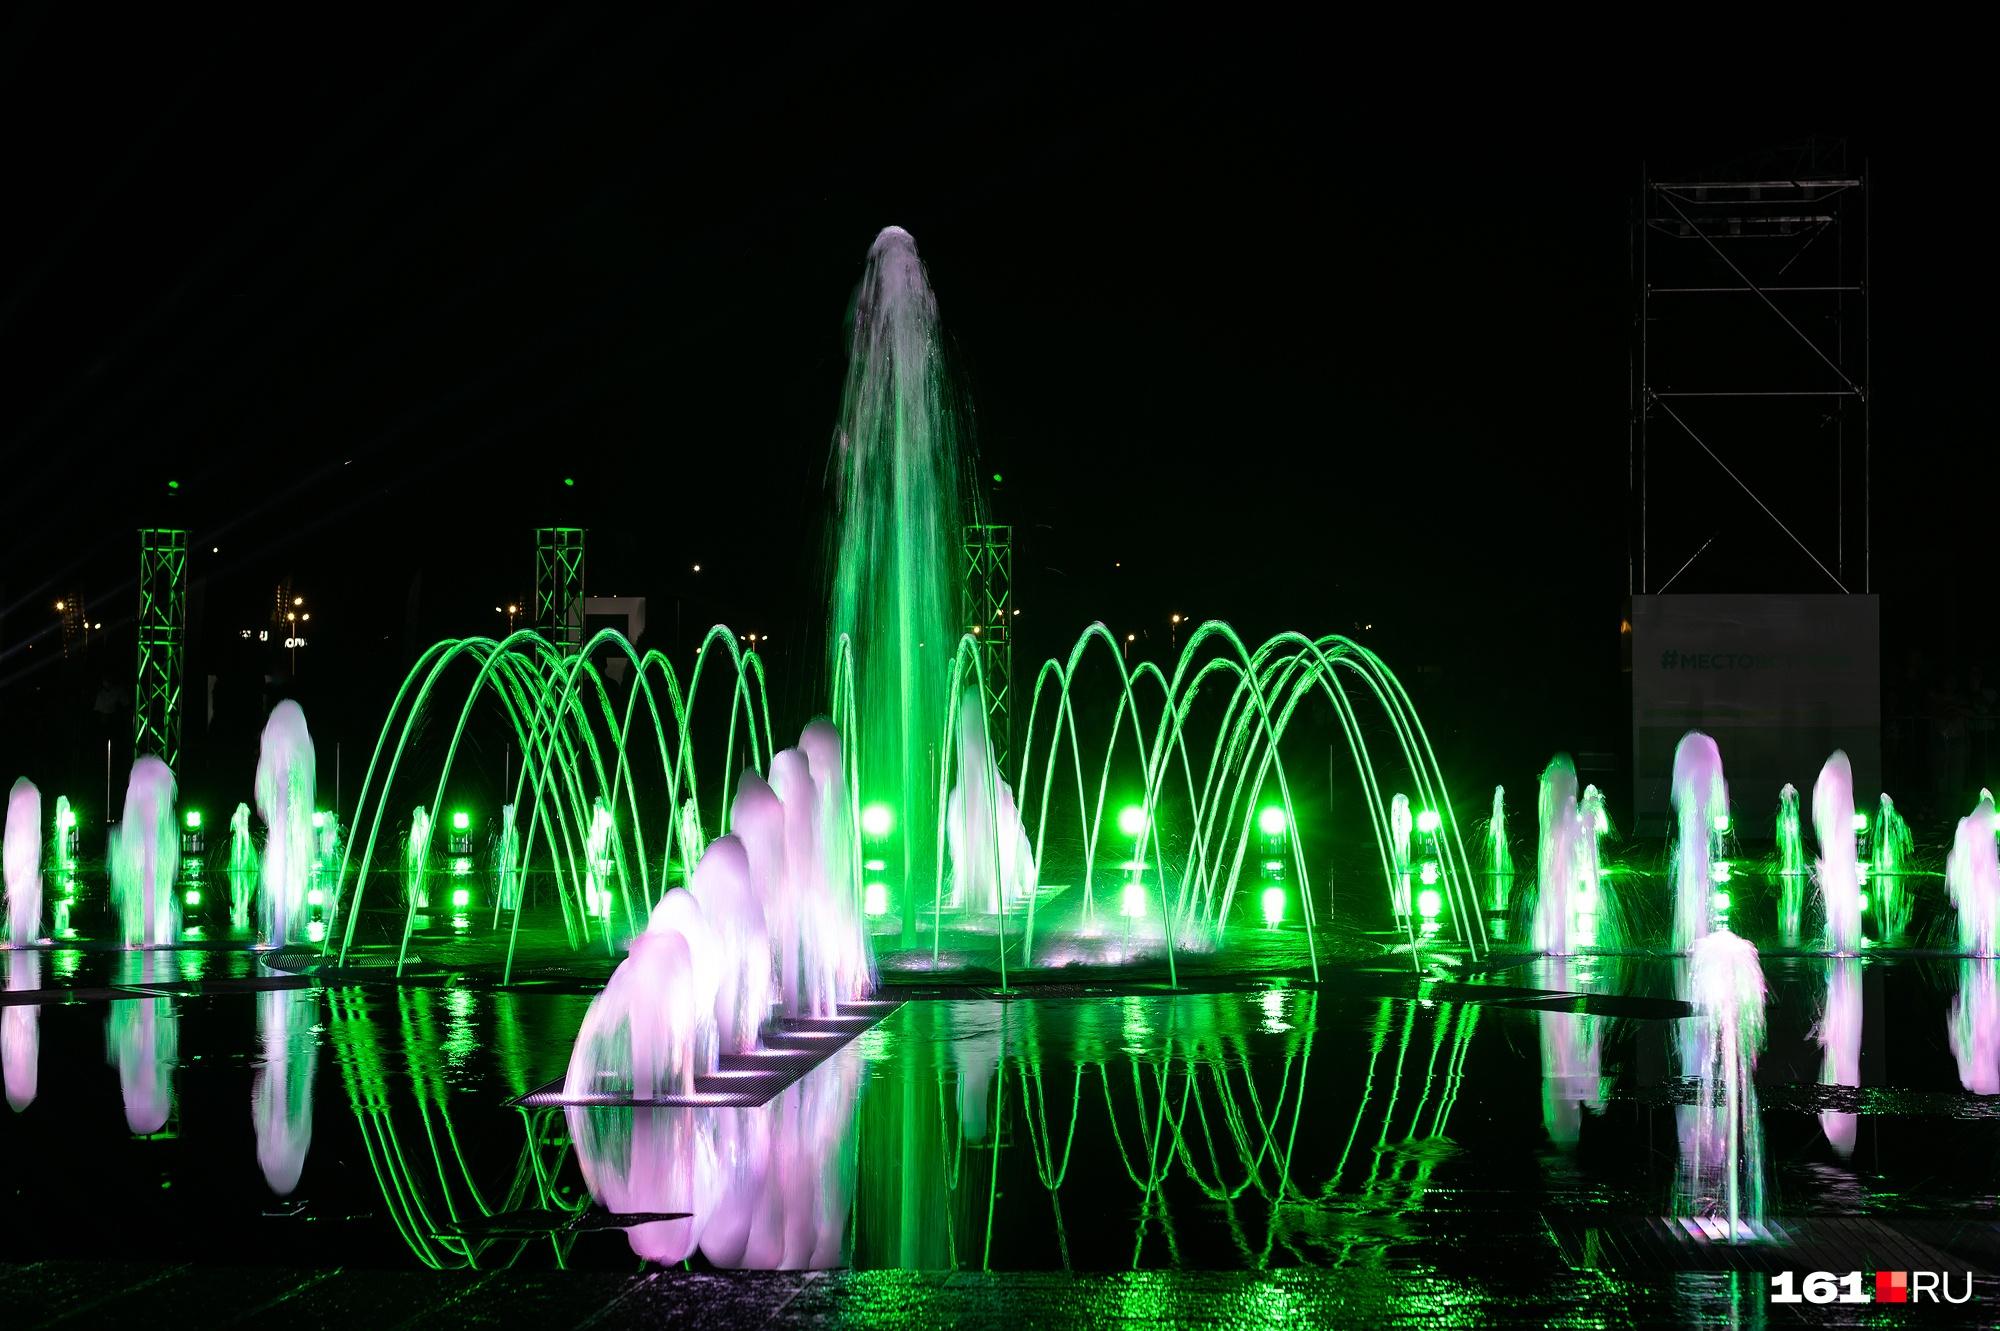 Возможности нового фонтана — 286 струй высотой до 10 метров